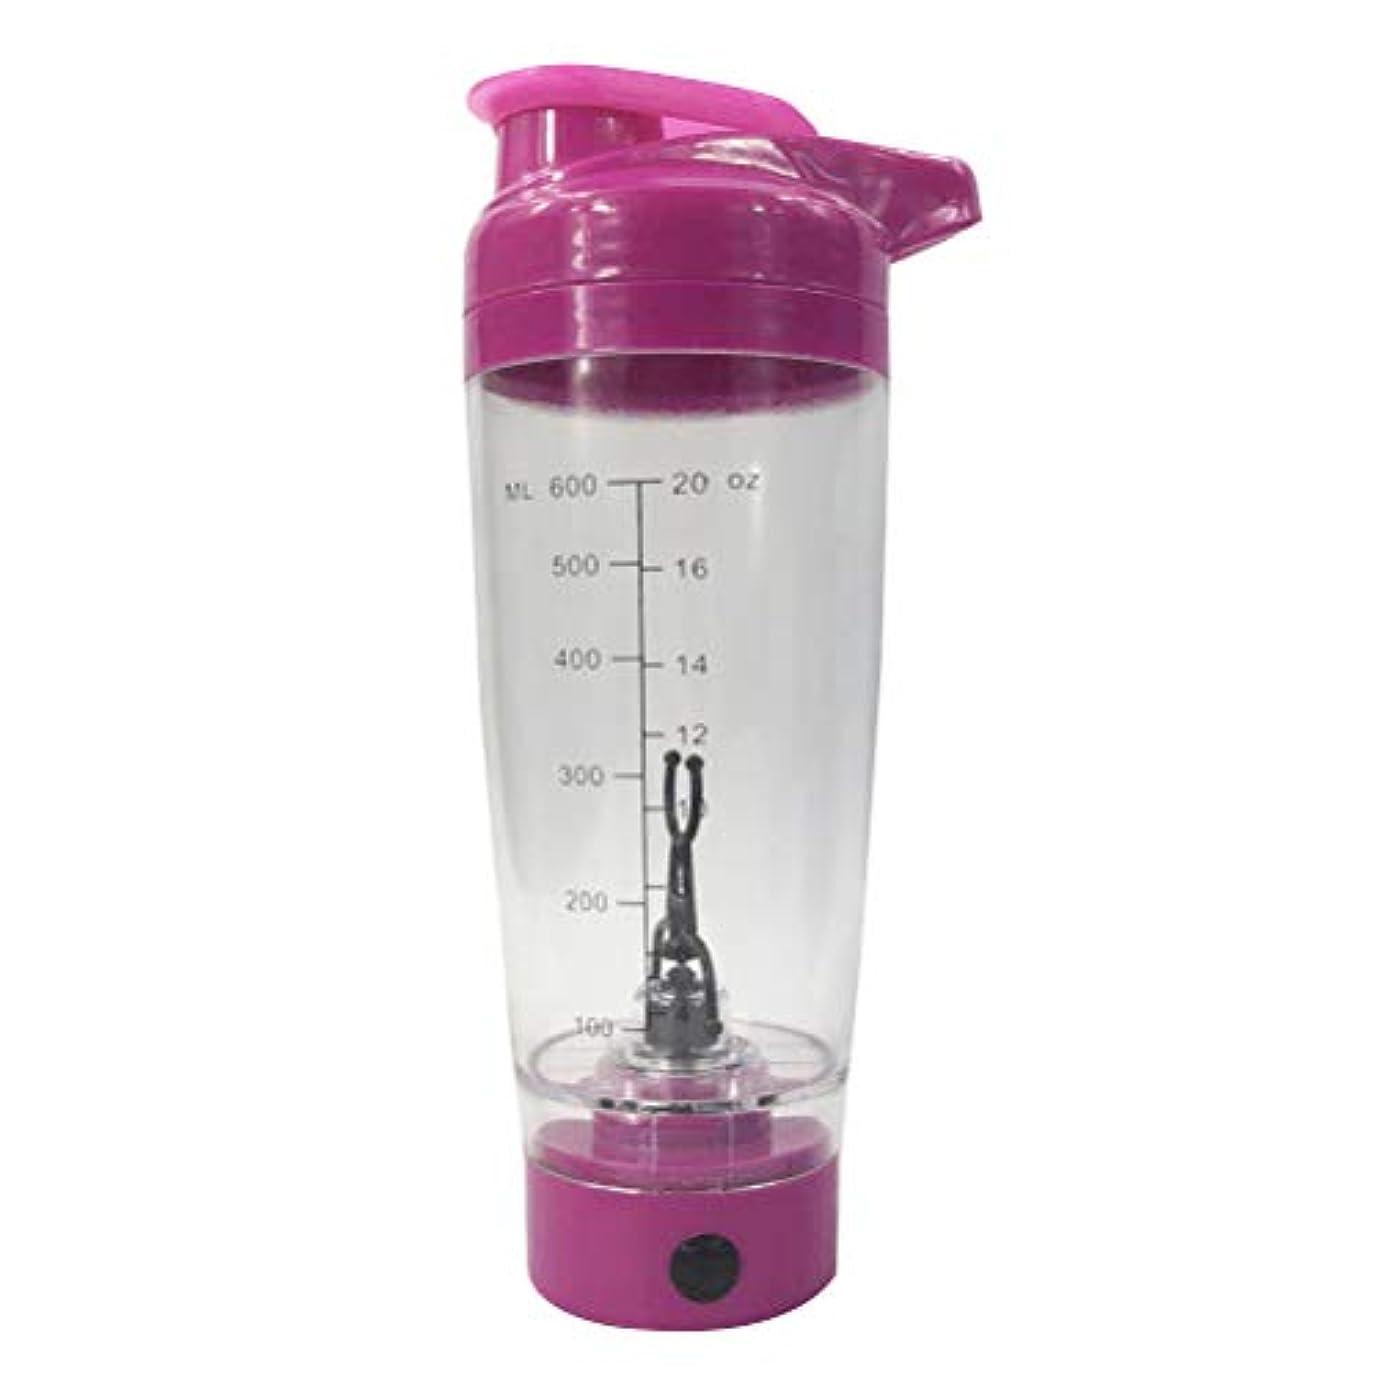 お香材料独立BESTONZON 電動シェーカー プロテインシェーカー ボトル 多機能 ポータブル 自動攪拌ミキサー 電池式 600ml(ローズレッド)